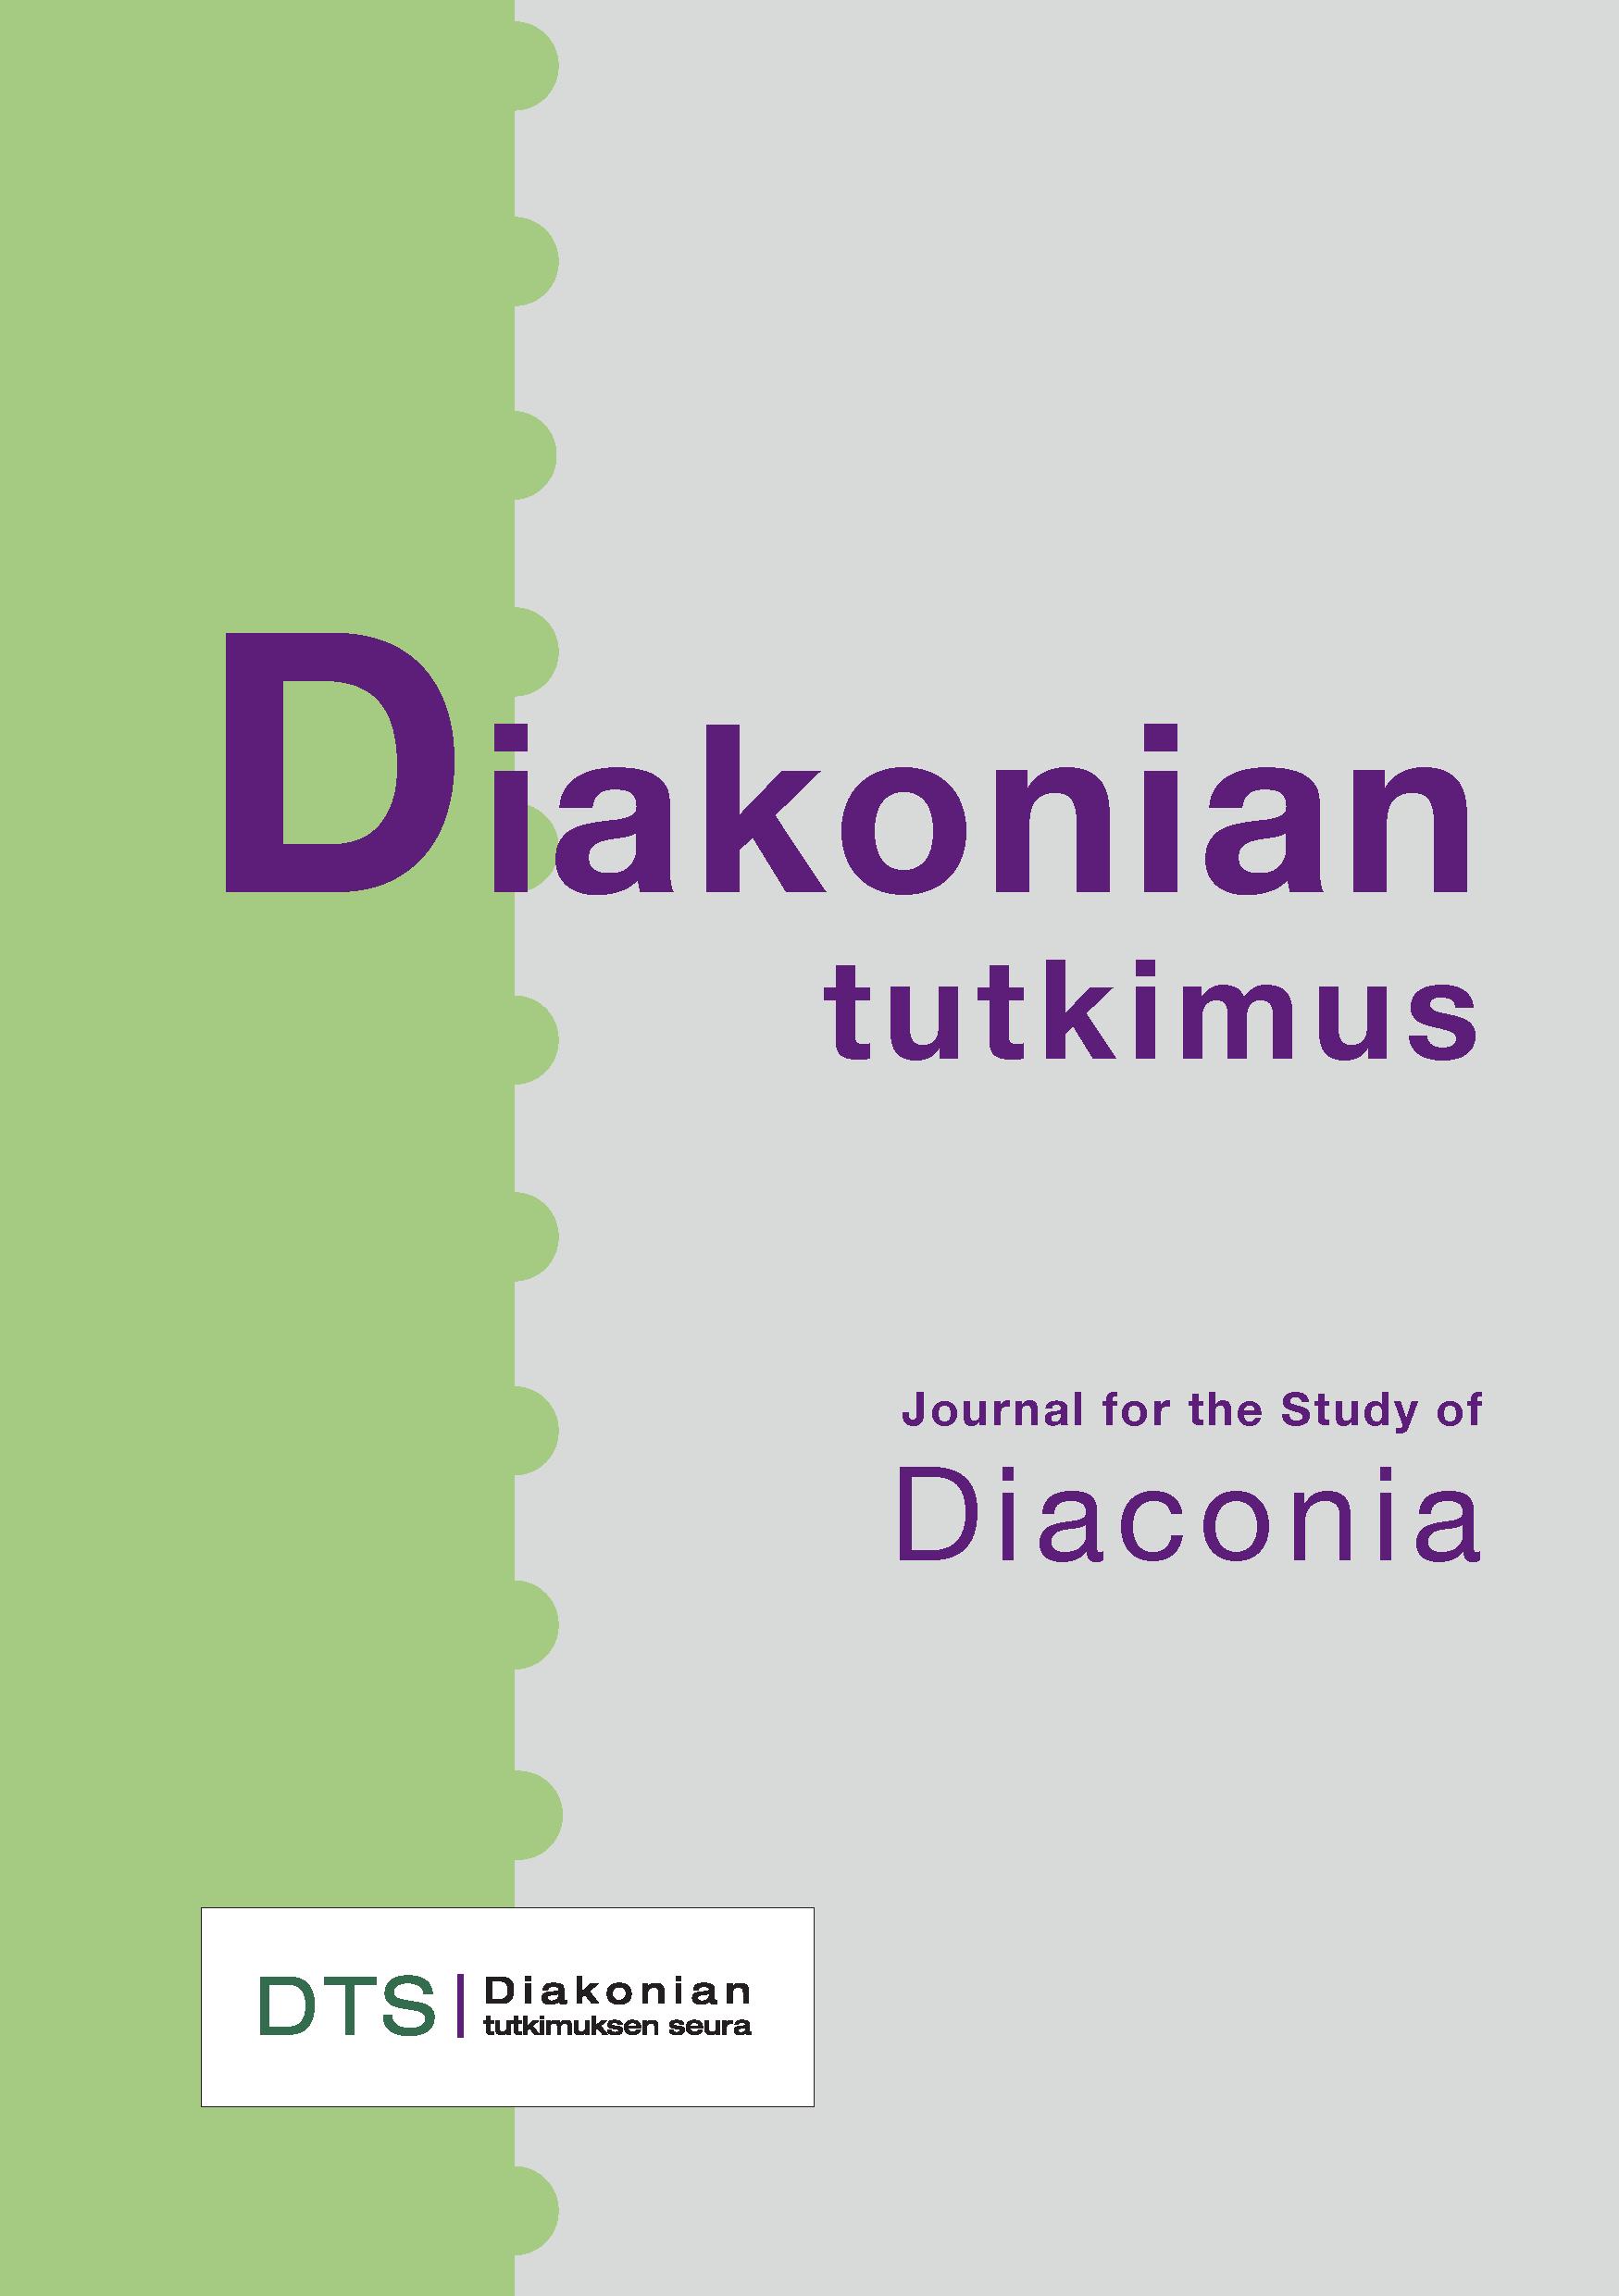 Nro 2 (2020): Diakonian tutkimus 2/2020